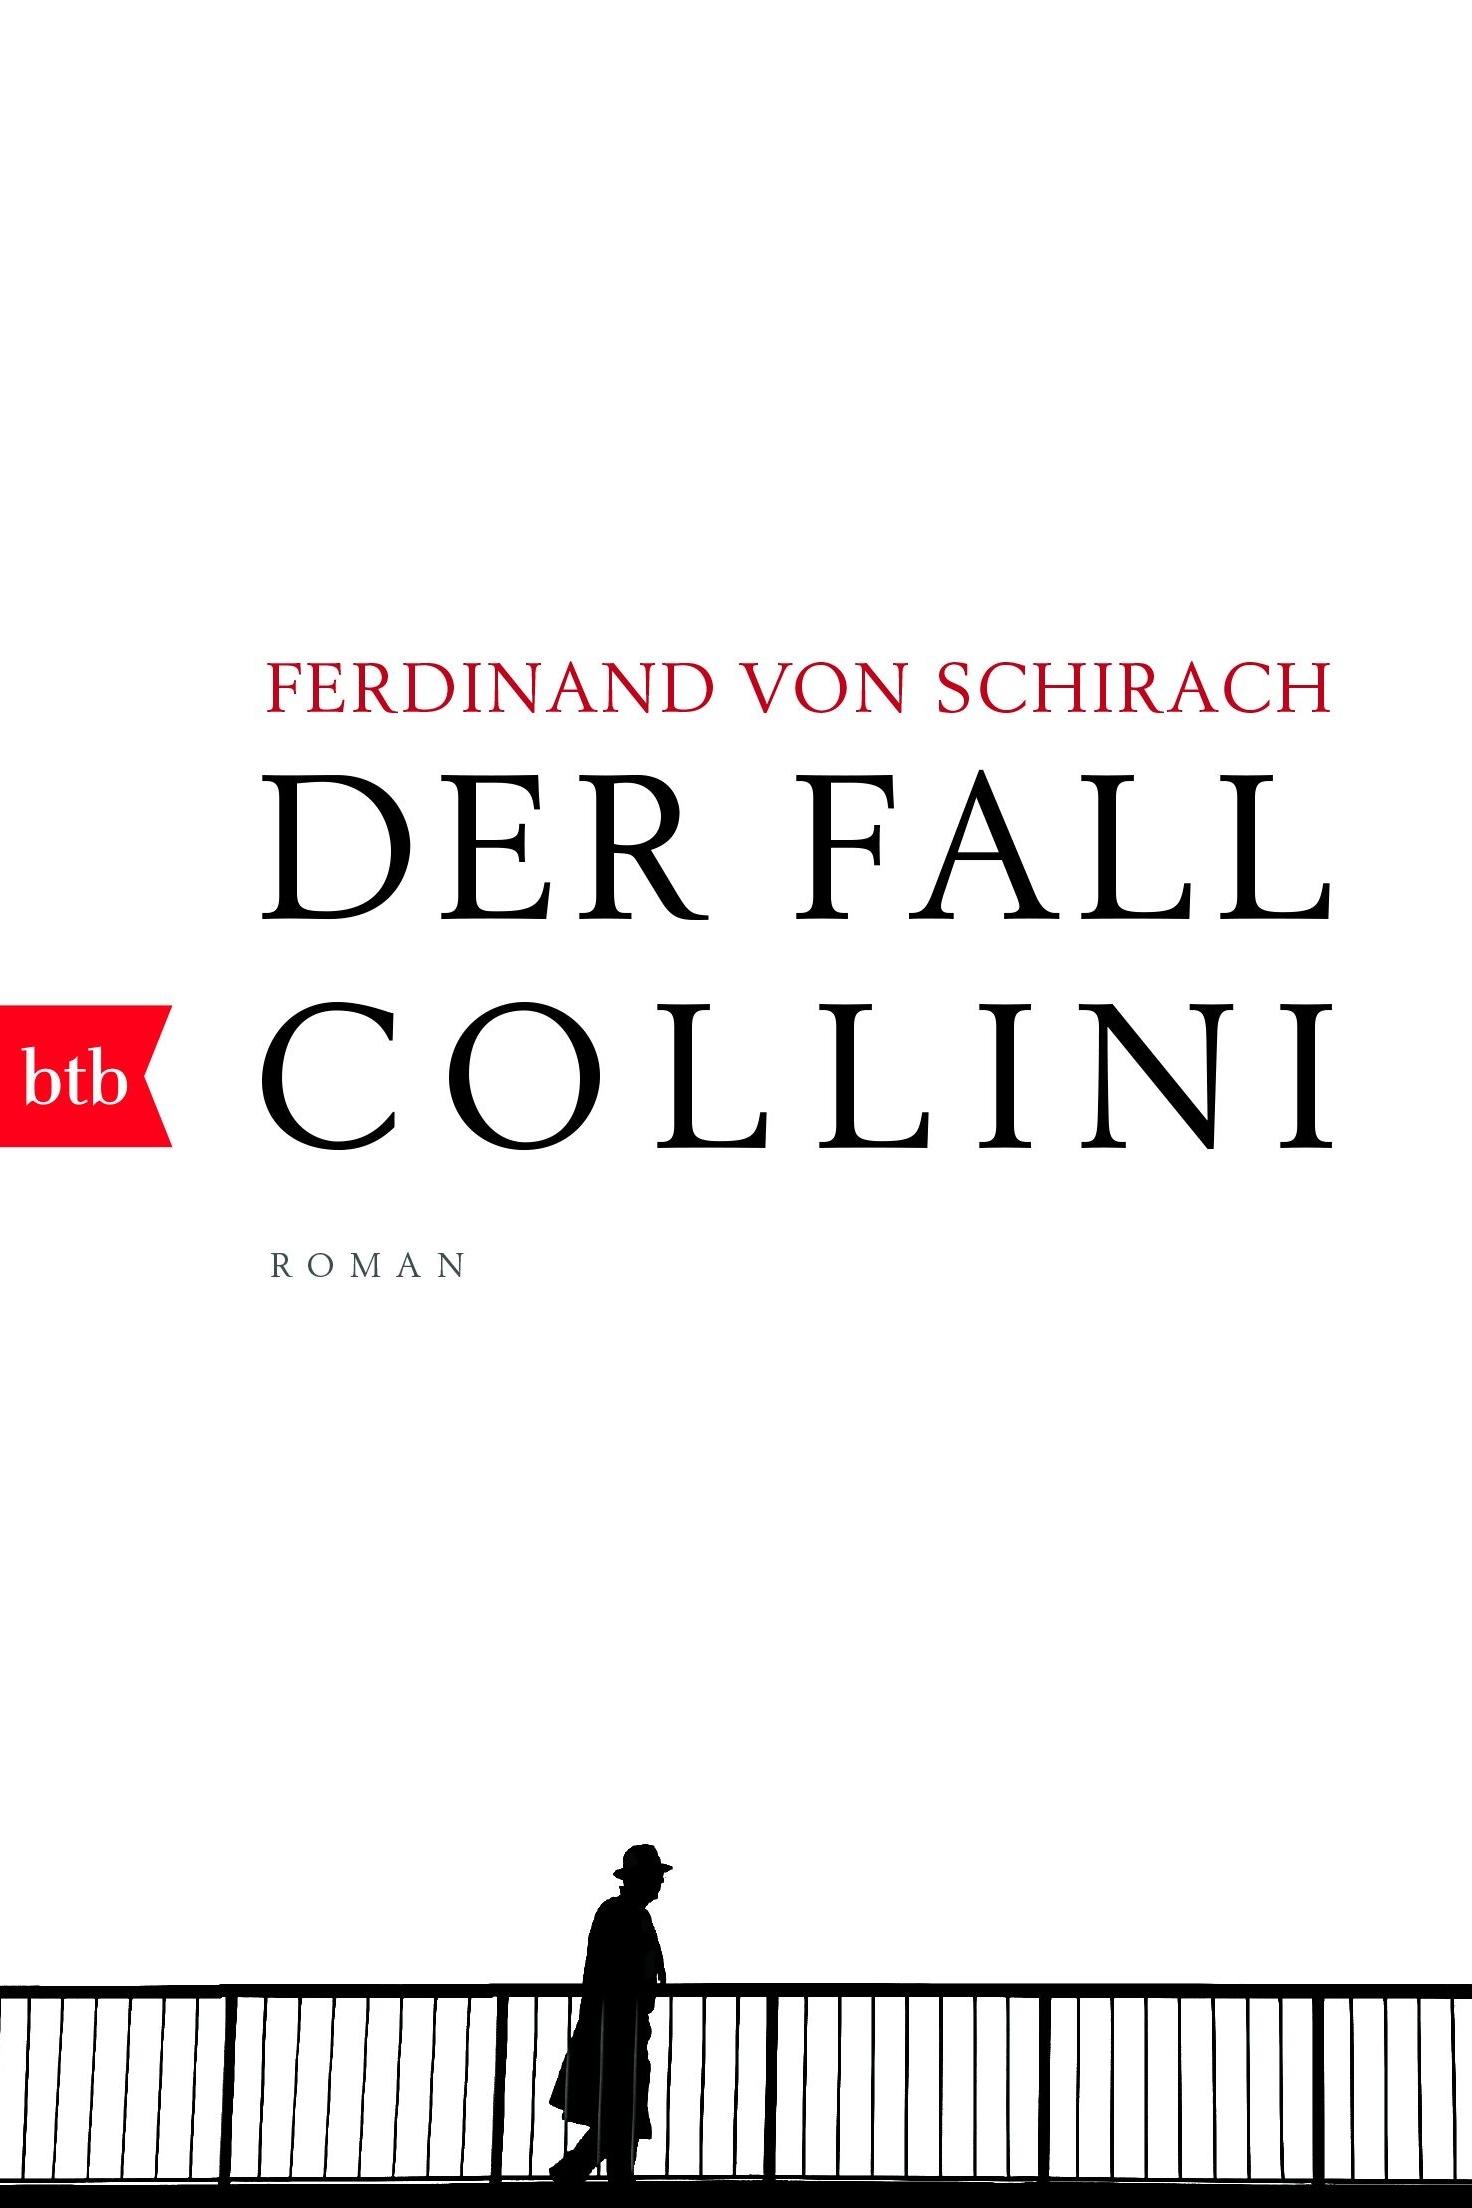 Der Fall Collini - Ferdinand von Schirachbtb Verlag / February 2017